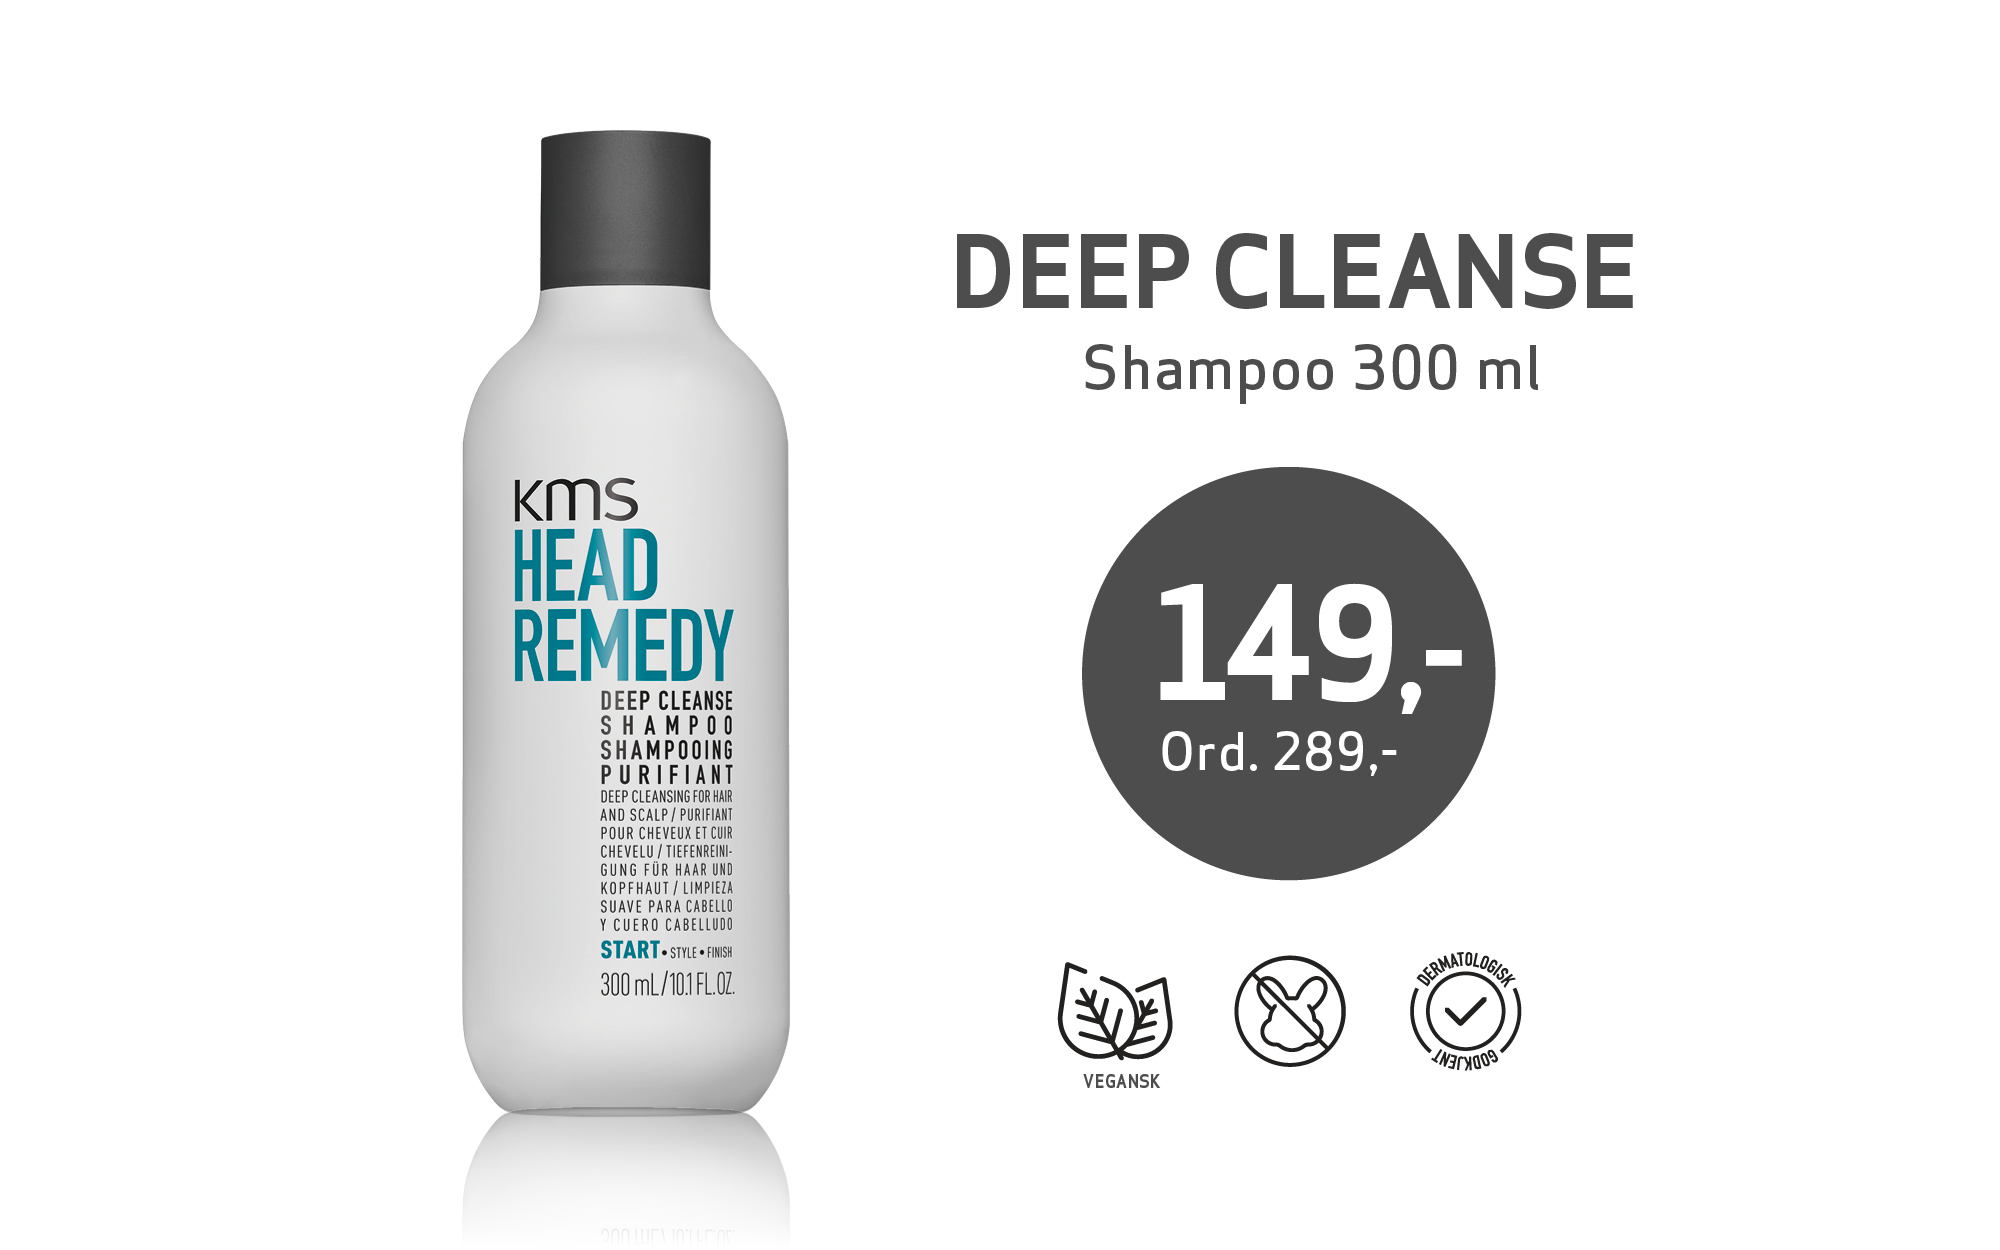 KMS Deep Cleanse Shampoo